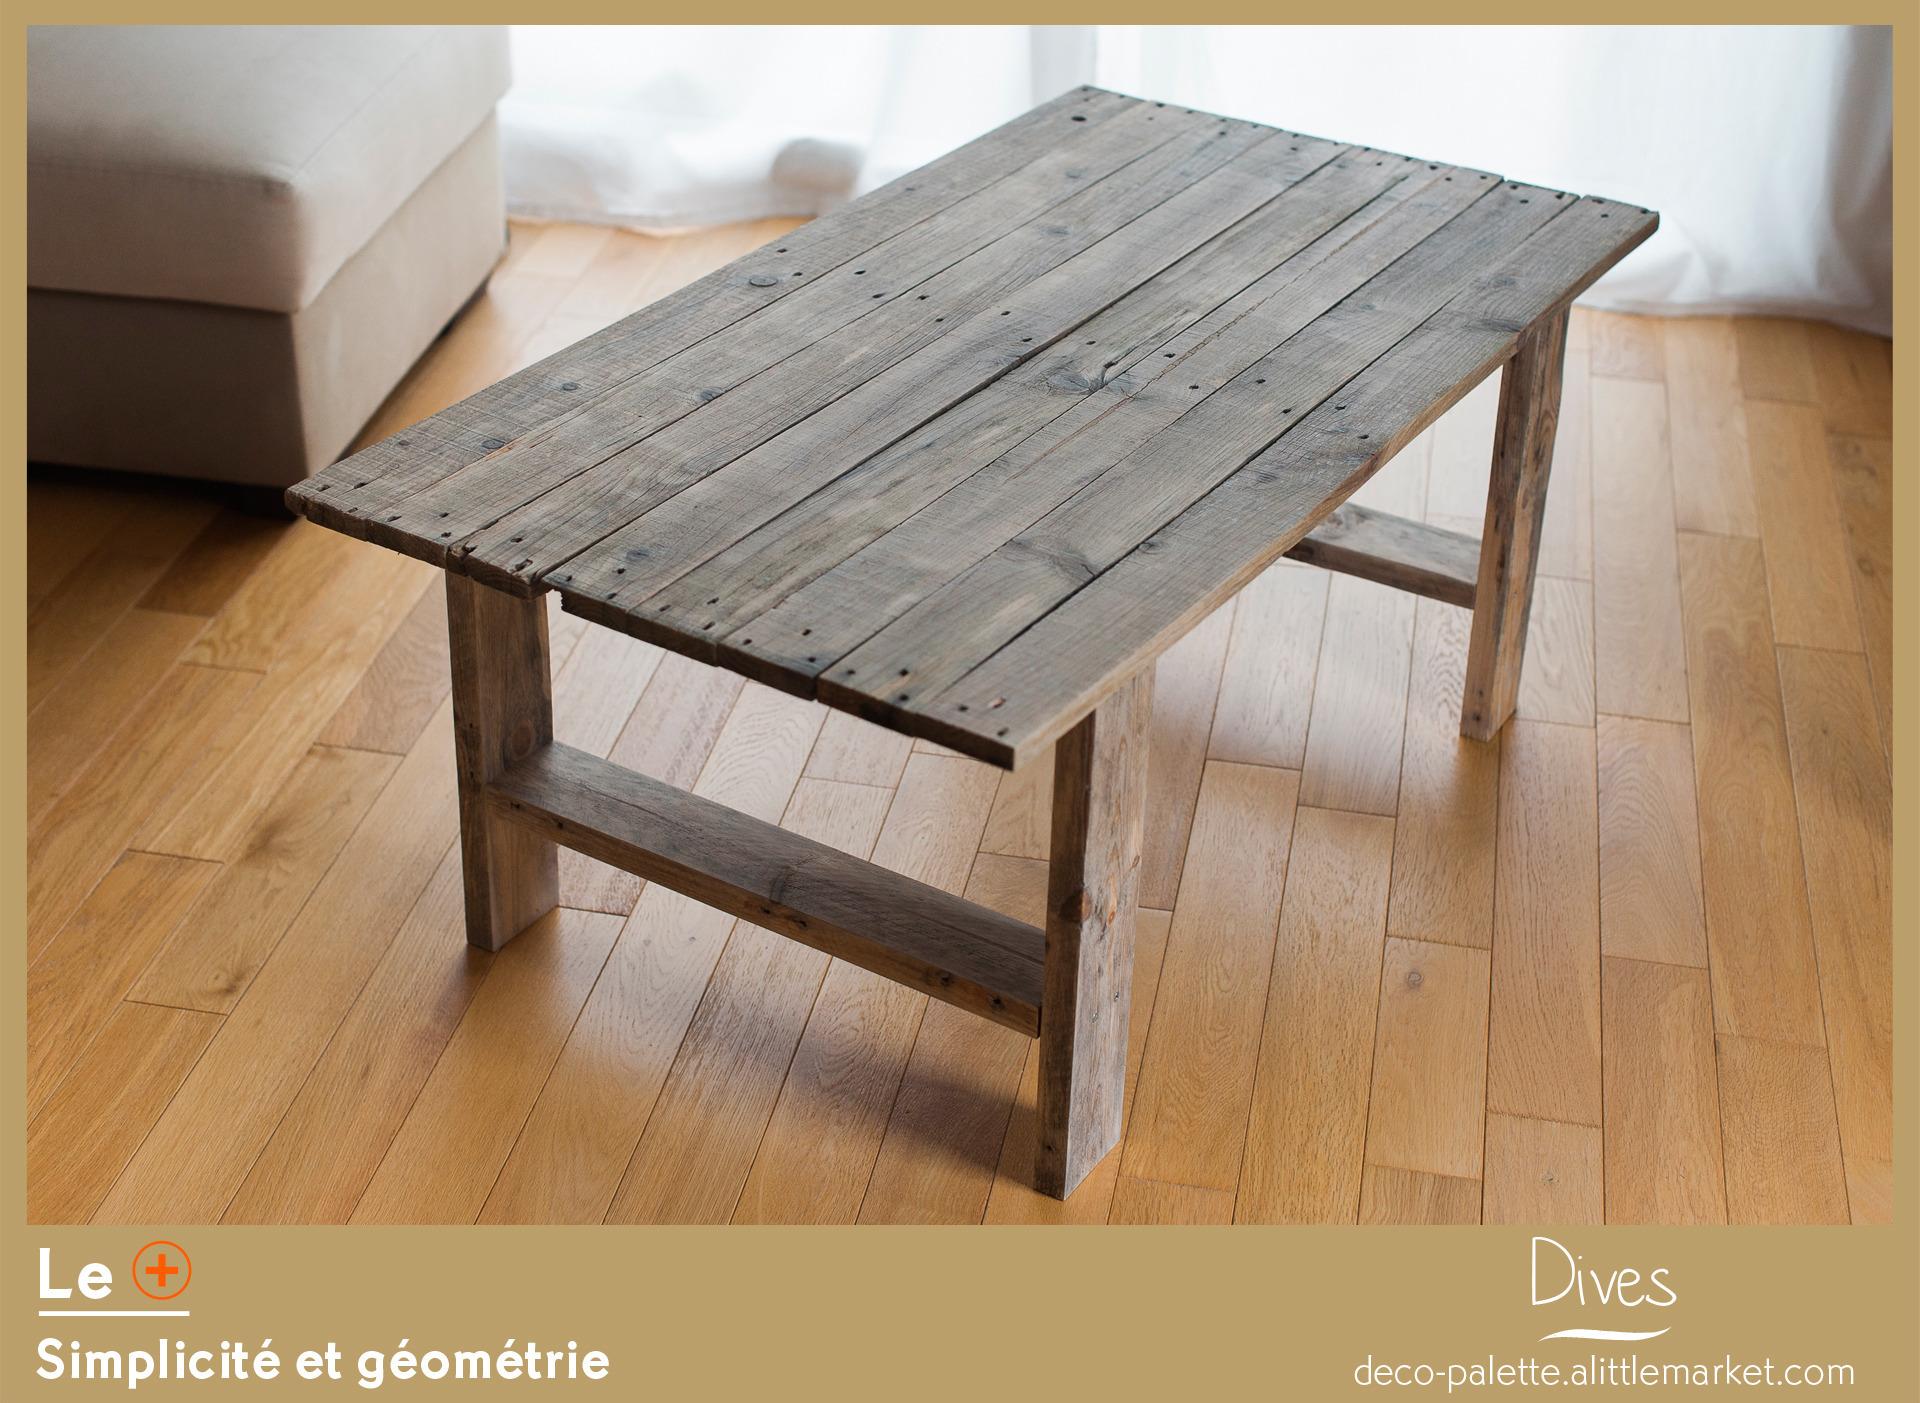 fabriquer table basse avec plan de travail - pearlfection.fr